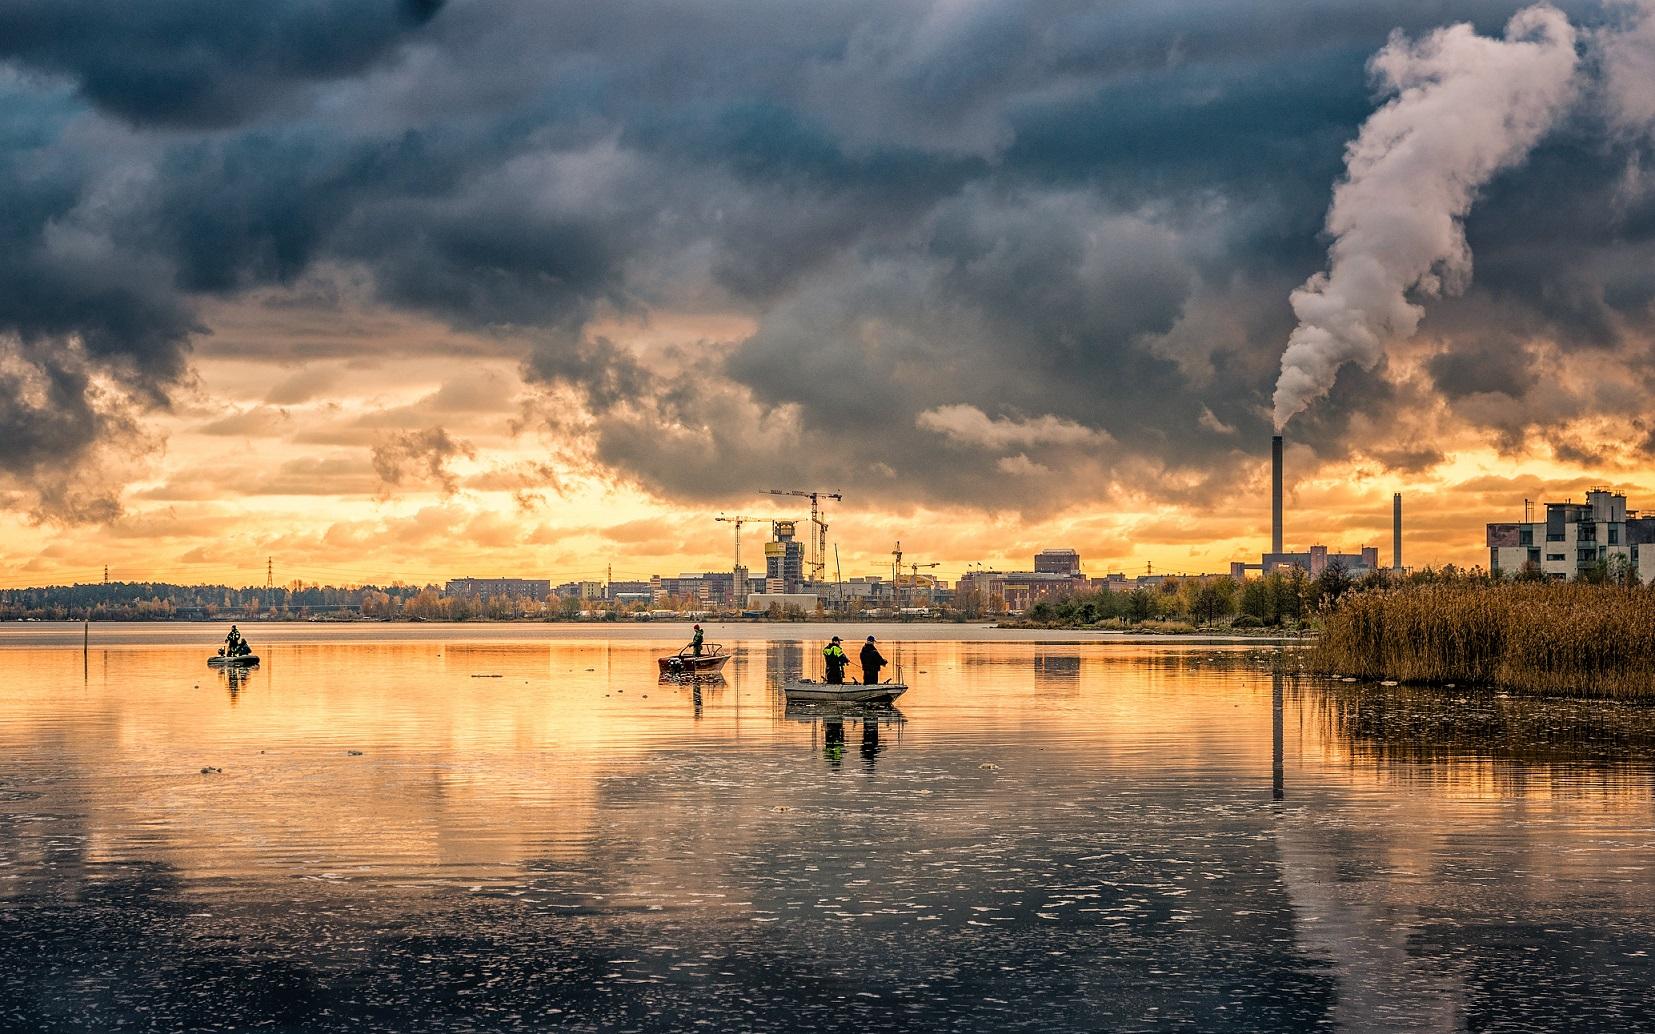 Pollution scene. Carlos-grury-santos-5Yn9aQo08nc-unsplash-1